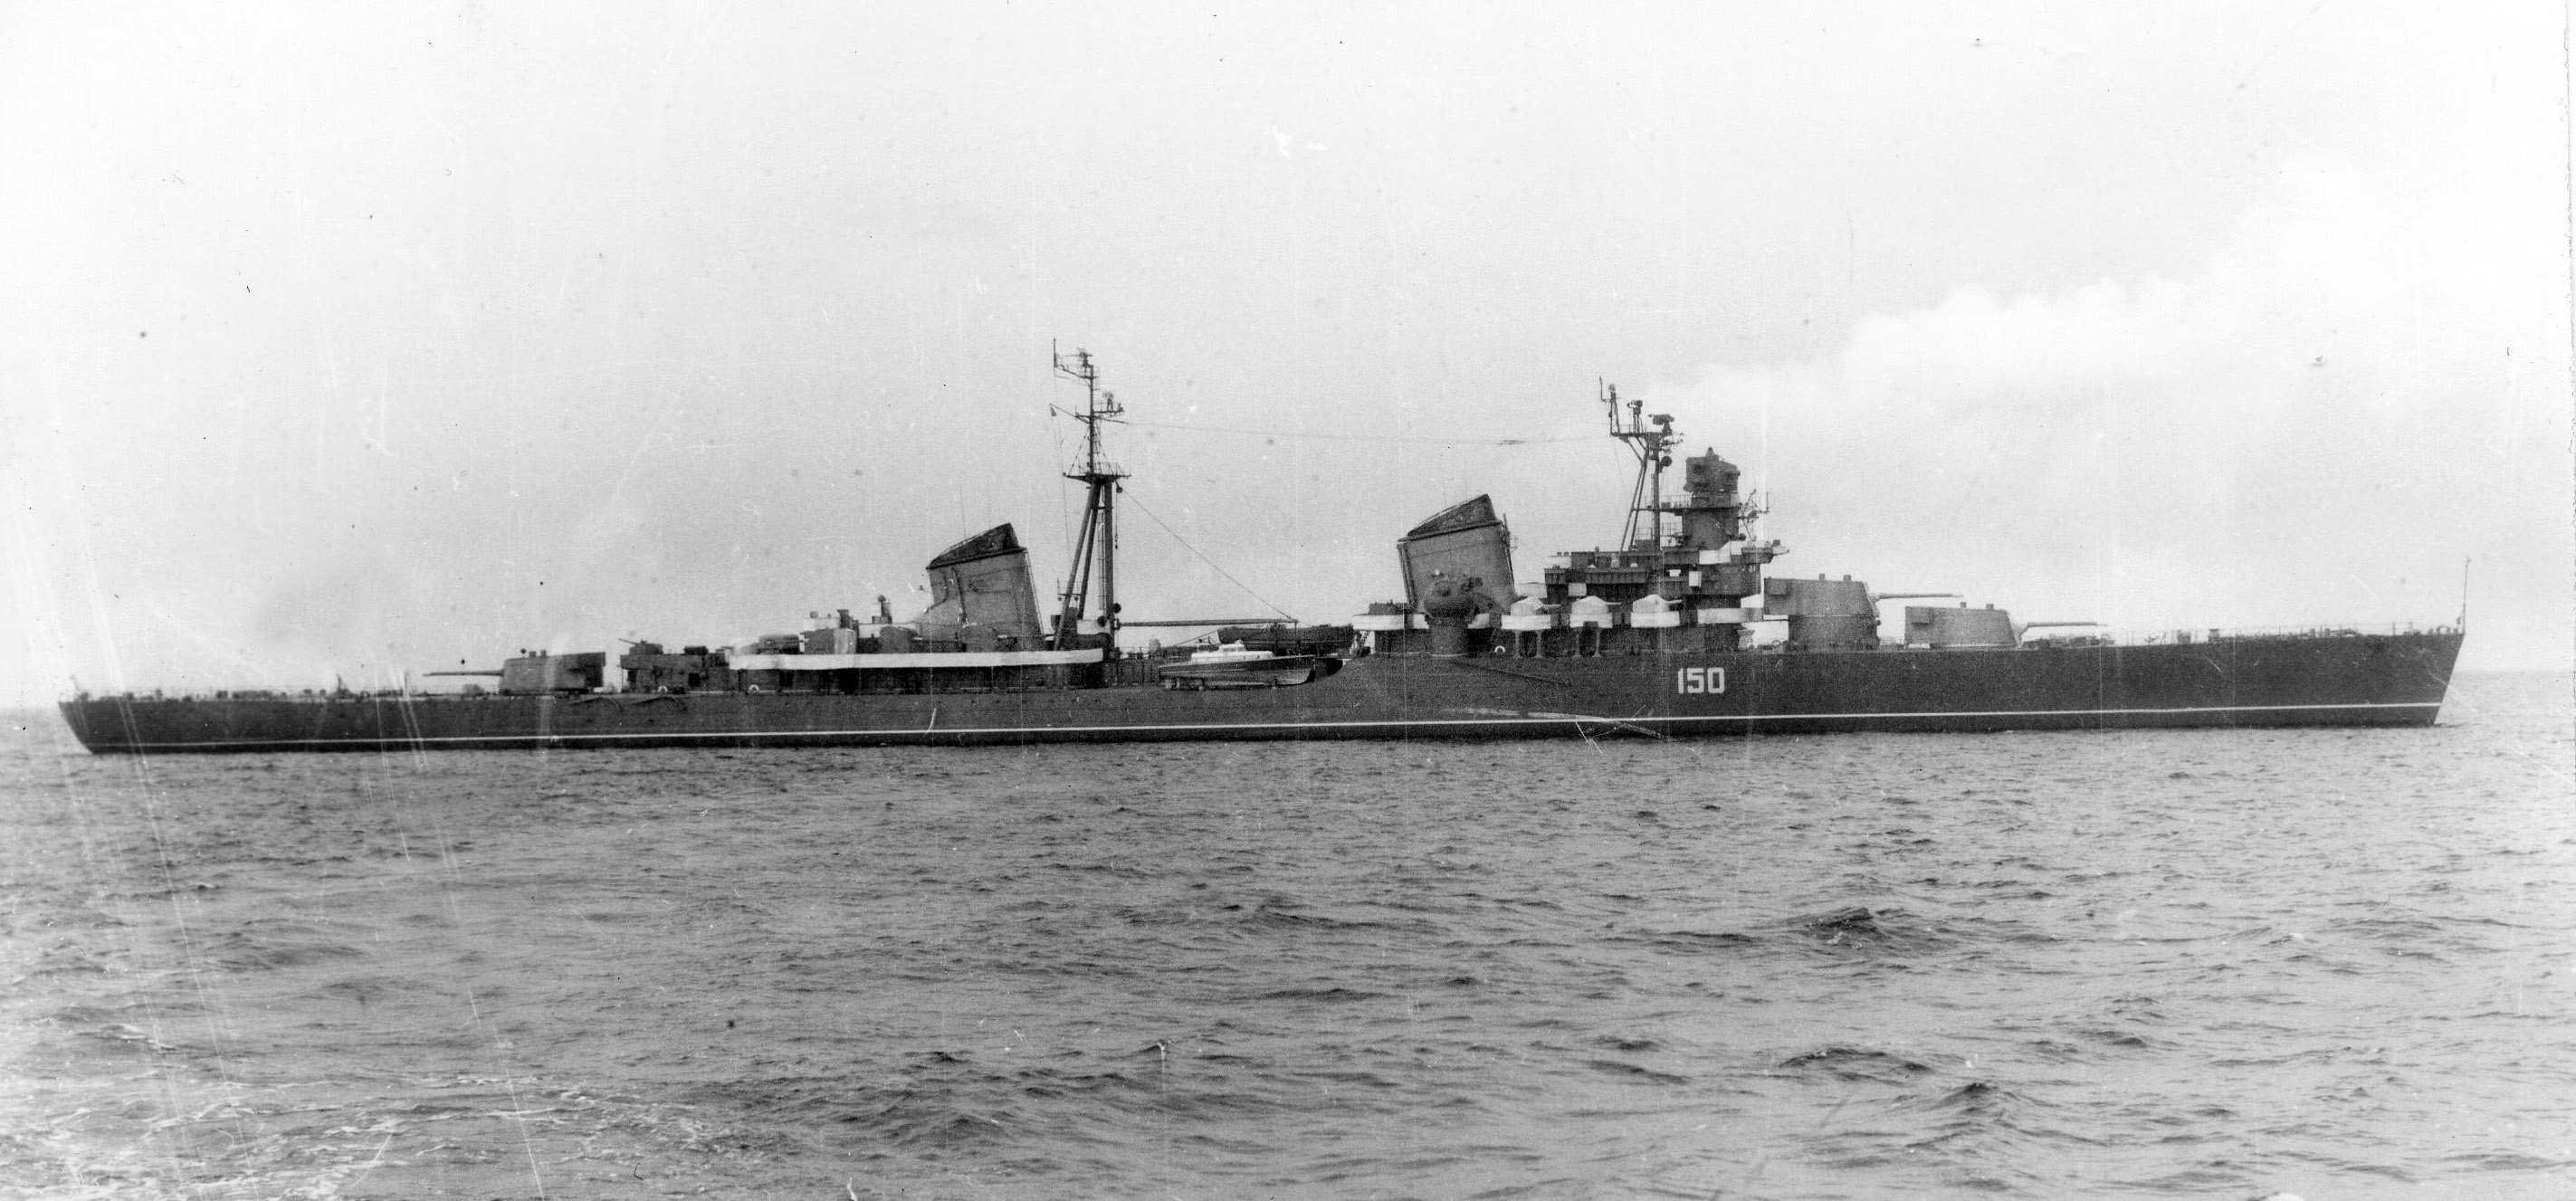 Крейсера пр. 26 и 26-бис. Часть 5. Заключительная, но не последняя. Максим Горький против тяжелых крейсеров.